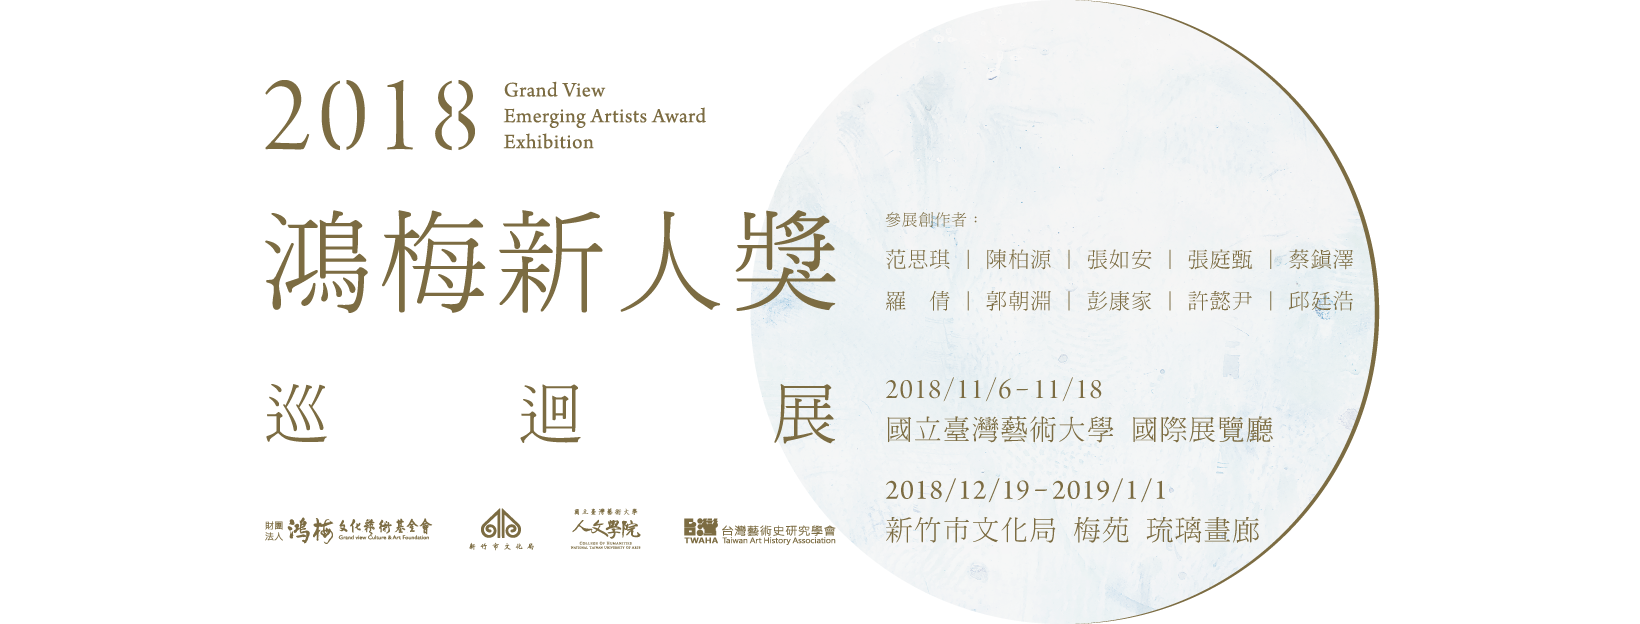 2018鴻梅新人獎巡迴展